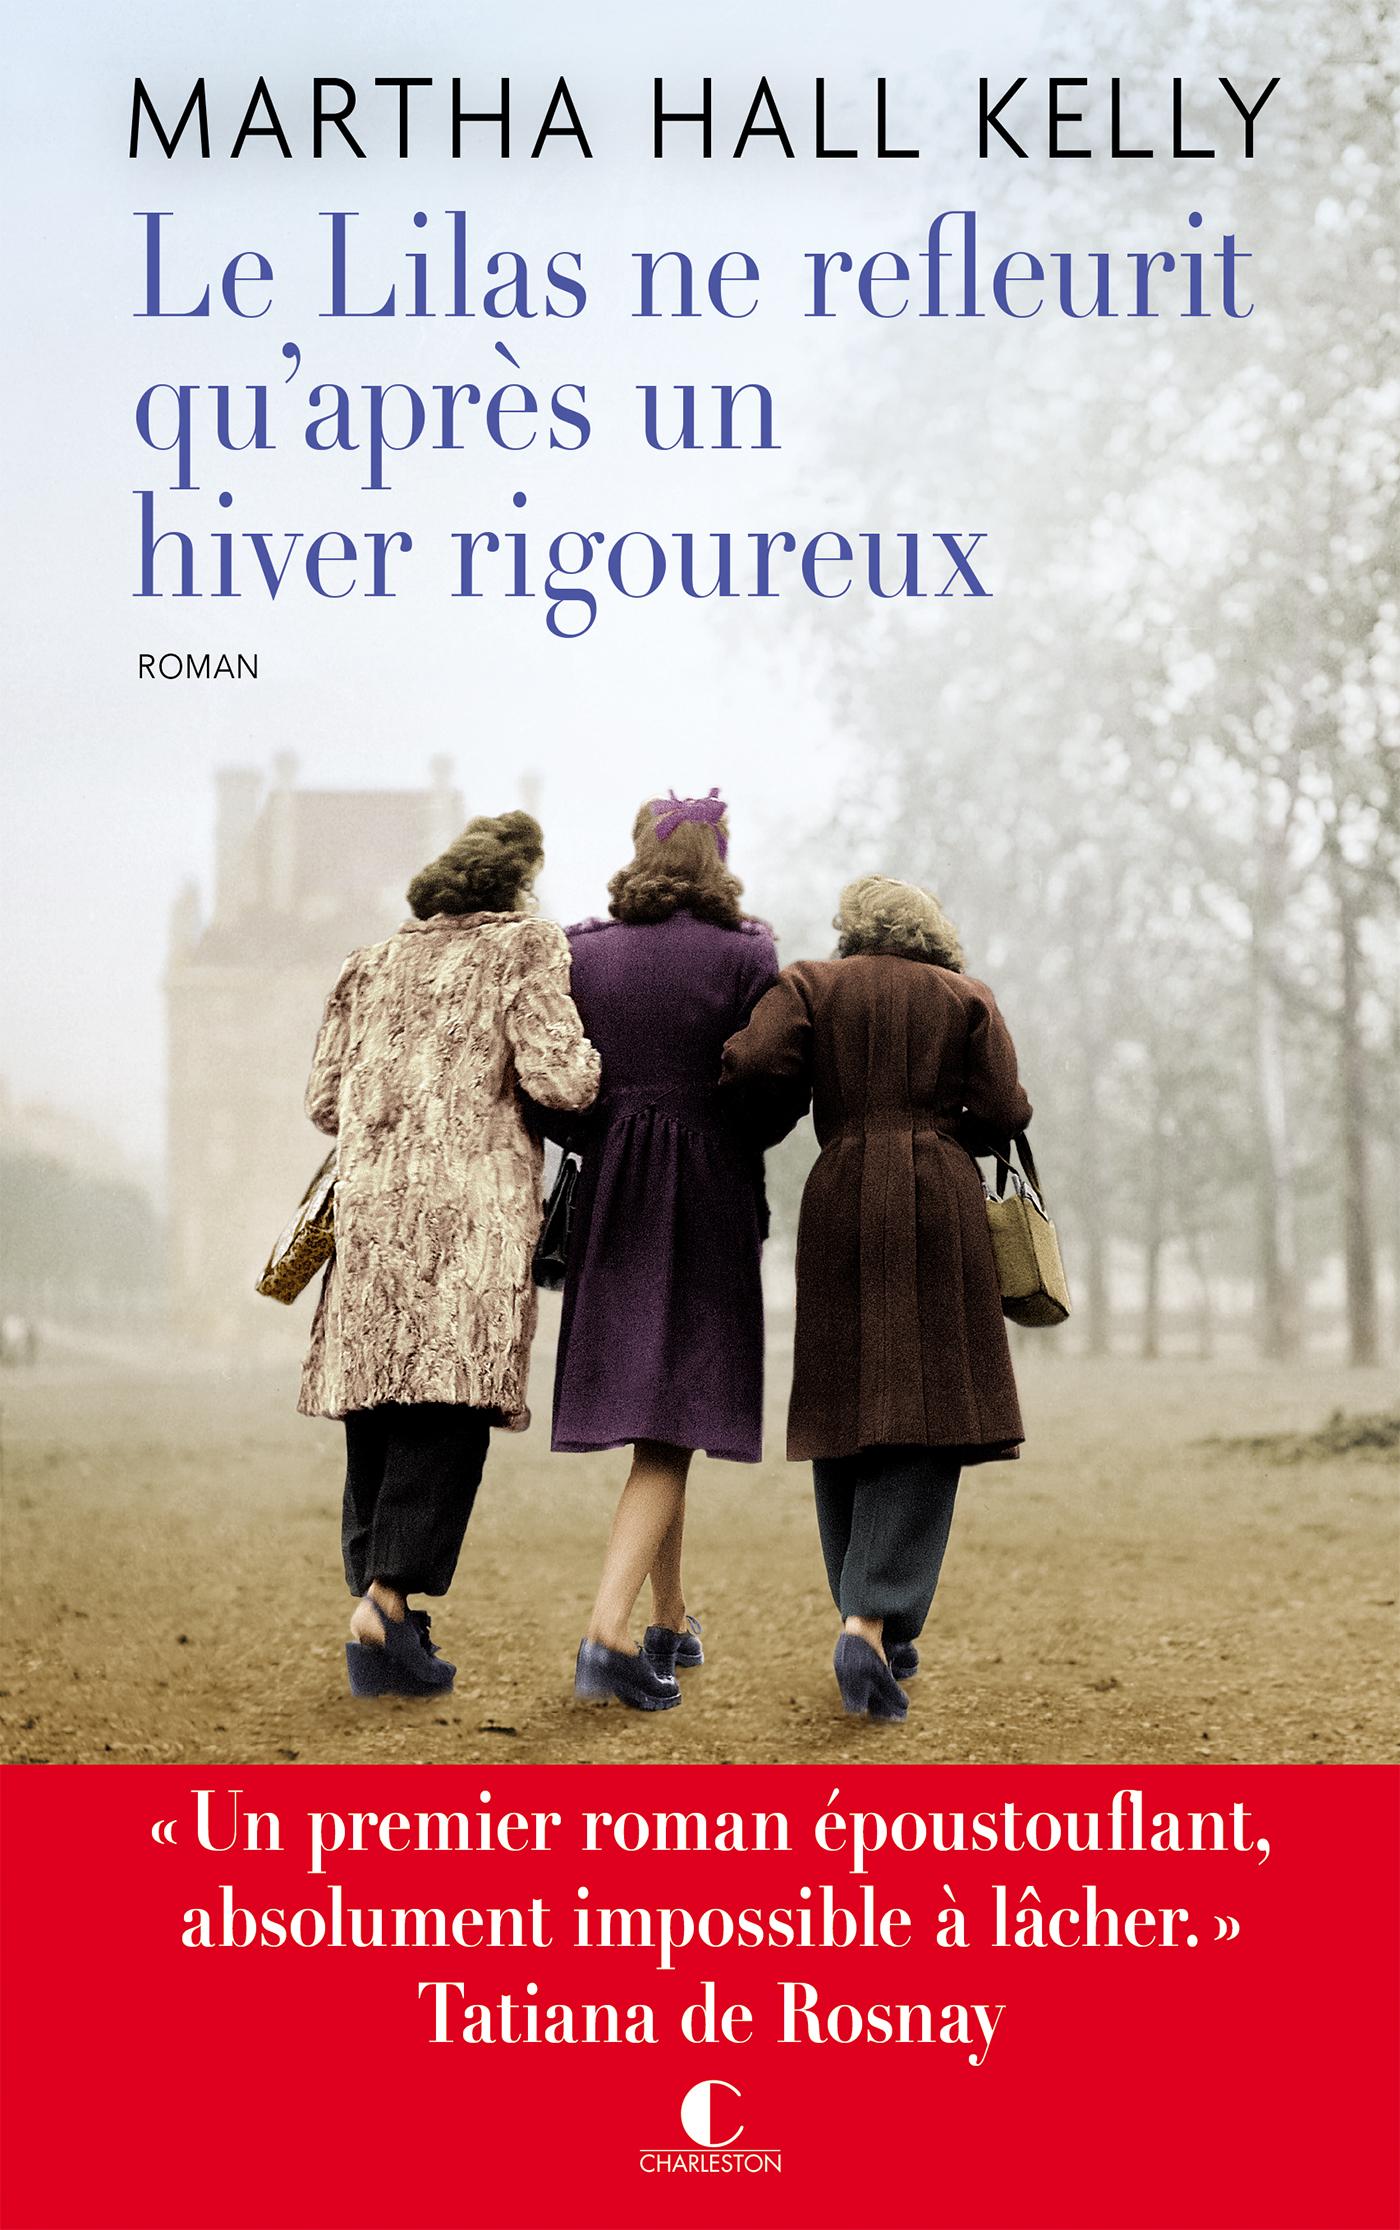 Le_lilas_ne_refleurit_qu_apres_un_hiver_rigoureux_c1